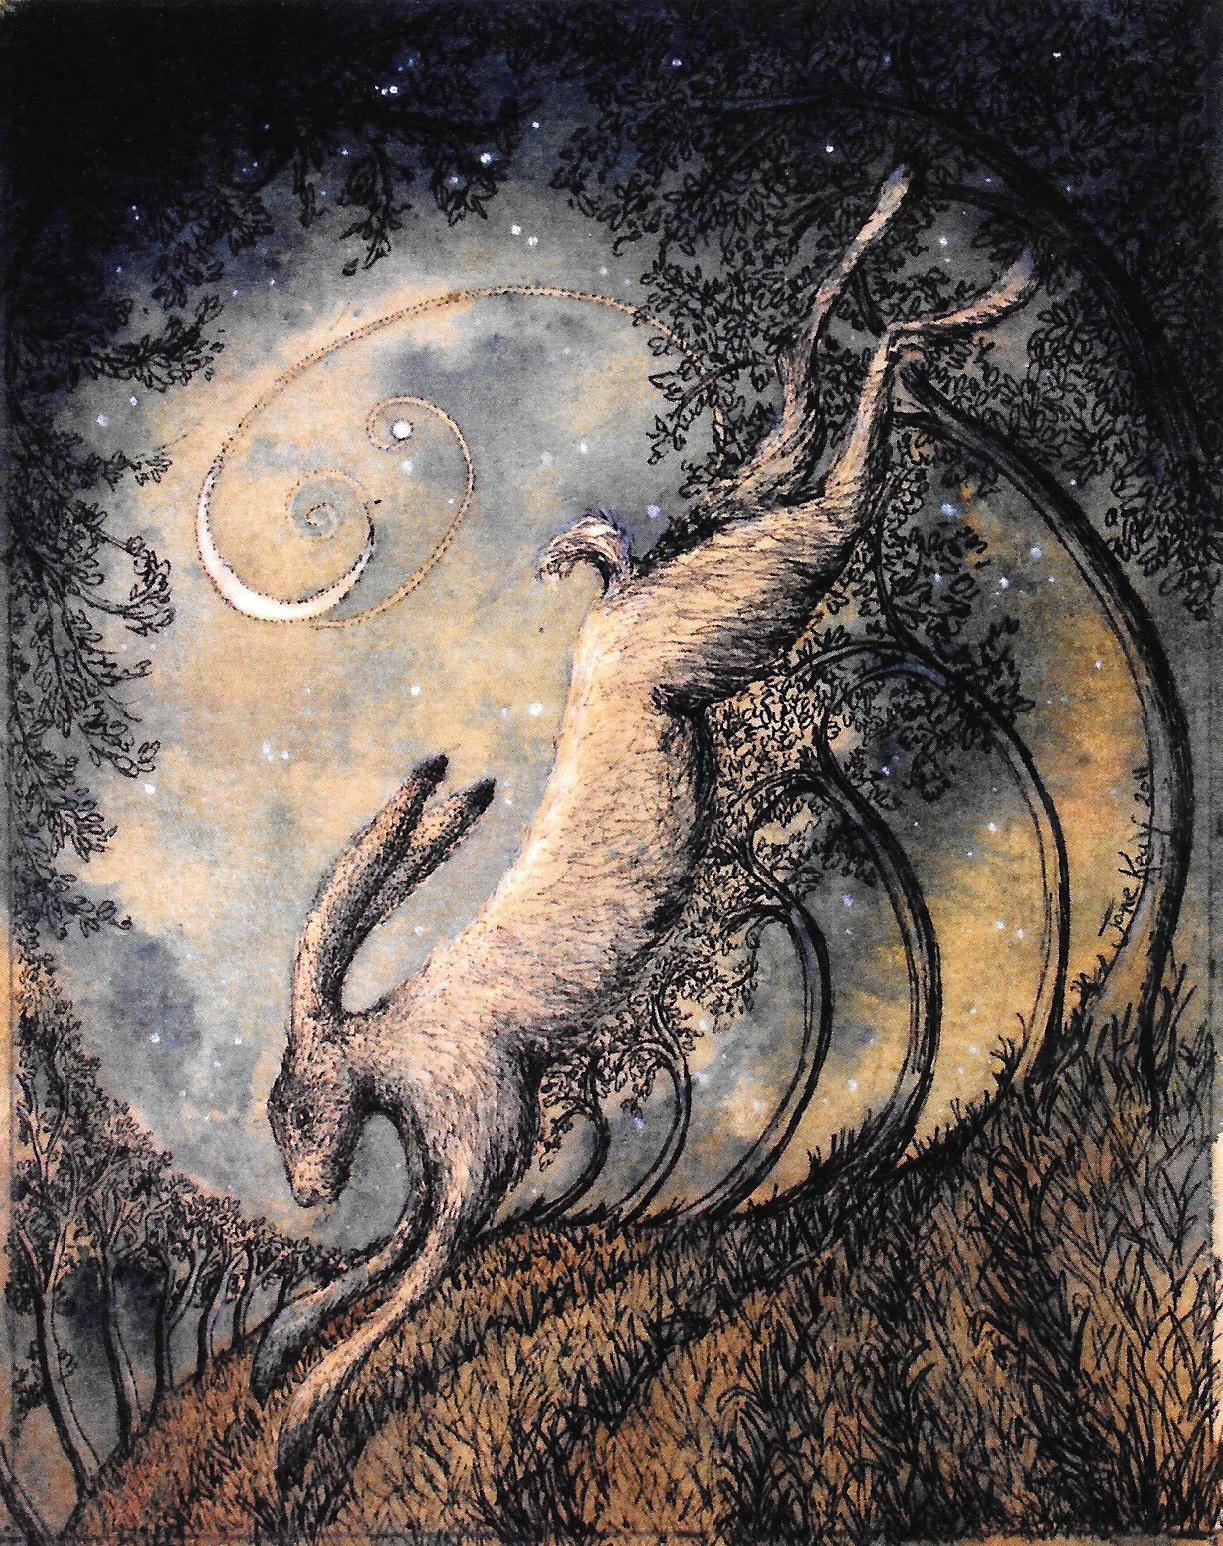 Sythe moon